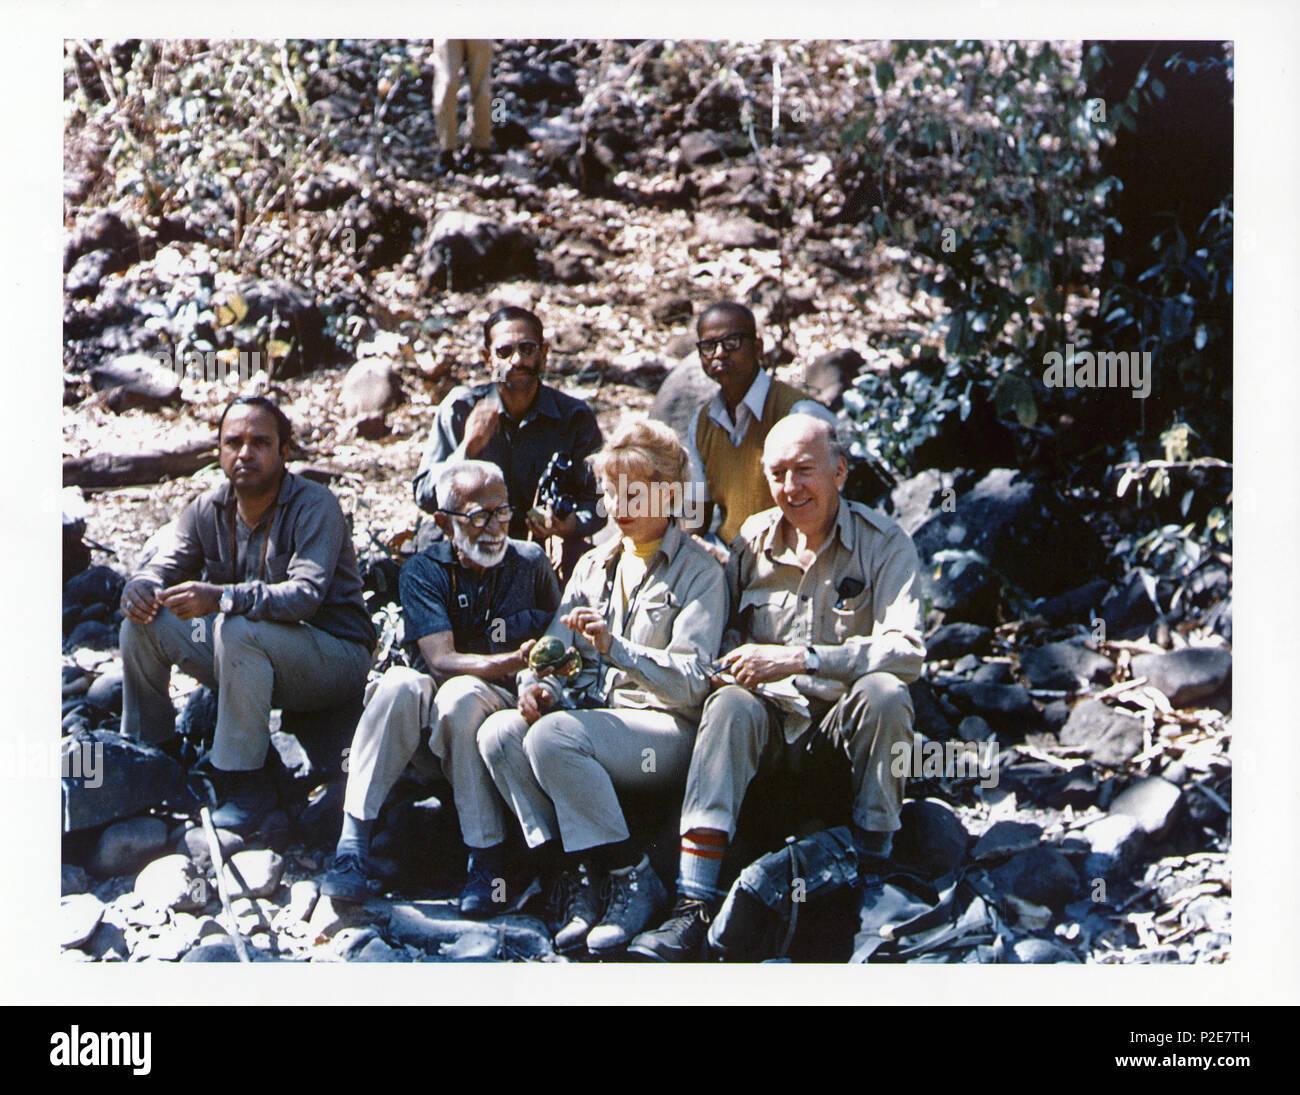 . En 1976 S. Dillon Ripley (1913-2001), ornithologue et huitième Smithsonian Secrétaire a fait un voyage en Inde afin de mener des recherches avec Salim Ali pour leur Guide des oiseaux de l'Inde et le Pakistan. De gauche à droite en première rangée: une personne non identifiée, Salim Ali (1896-1987), Ripley's épouse Mary Livingston Ripley (d. 1996), et Ripley s'asseoir sur une colline en Inde. De gauche à droite dans la rangée arrière: un homme tenant des jumelles, et M. P.B. Shekar, un spécialiste des collections de temps la Bombay Natural History Society, et un camp régulier membre de M. Ripley's expeditions en Inde. M. Ali est holding Photo Stock